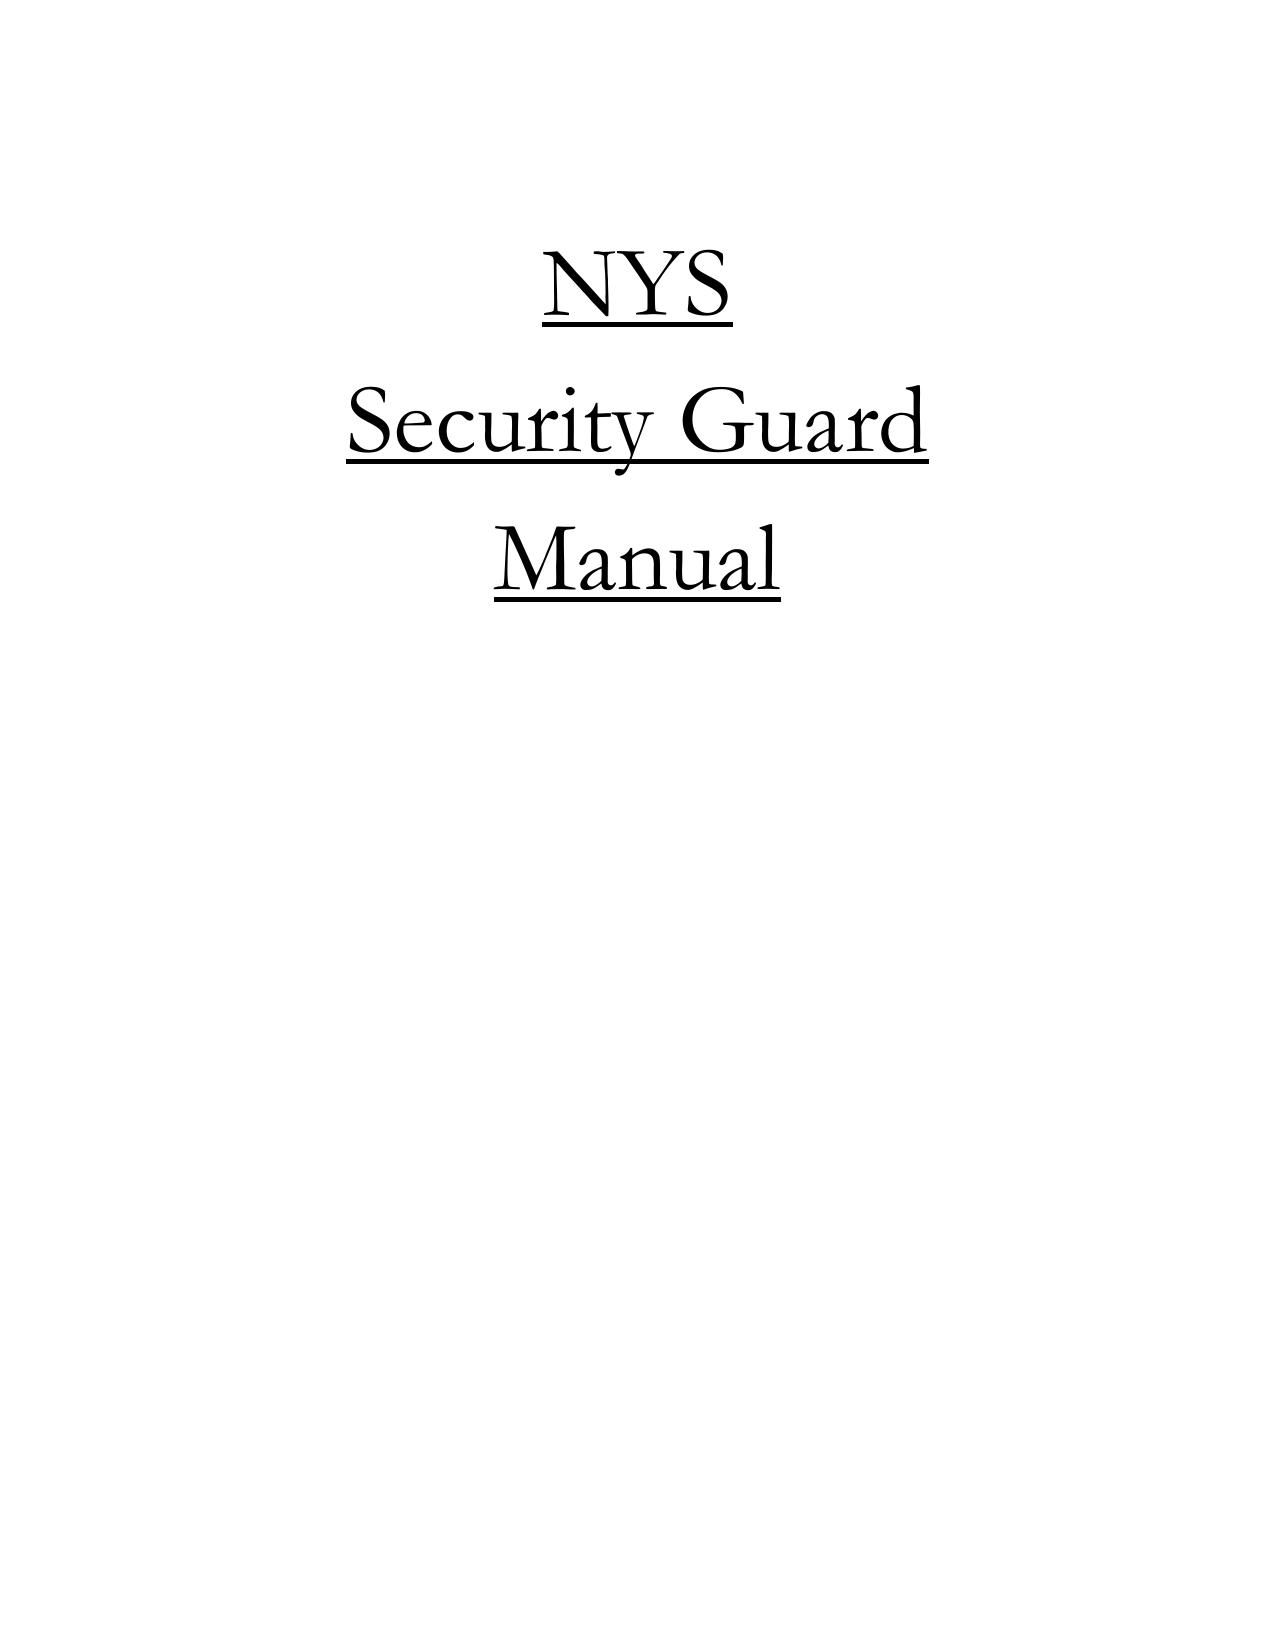 Nys Security Guard Manual